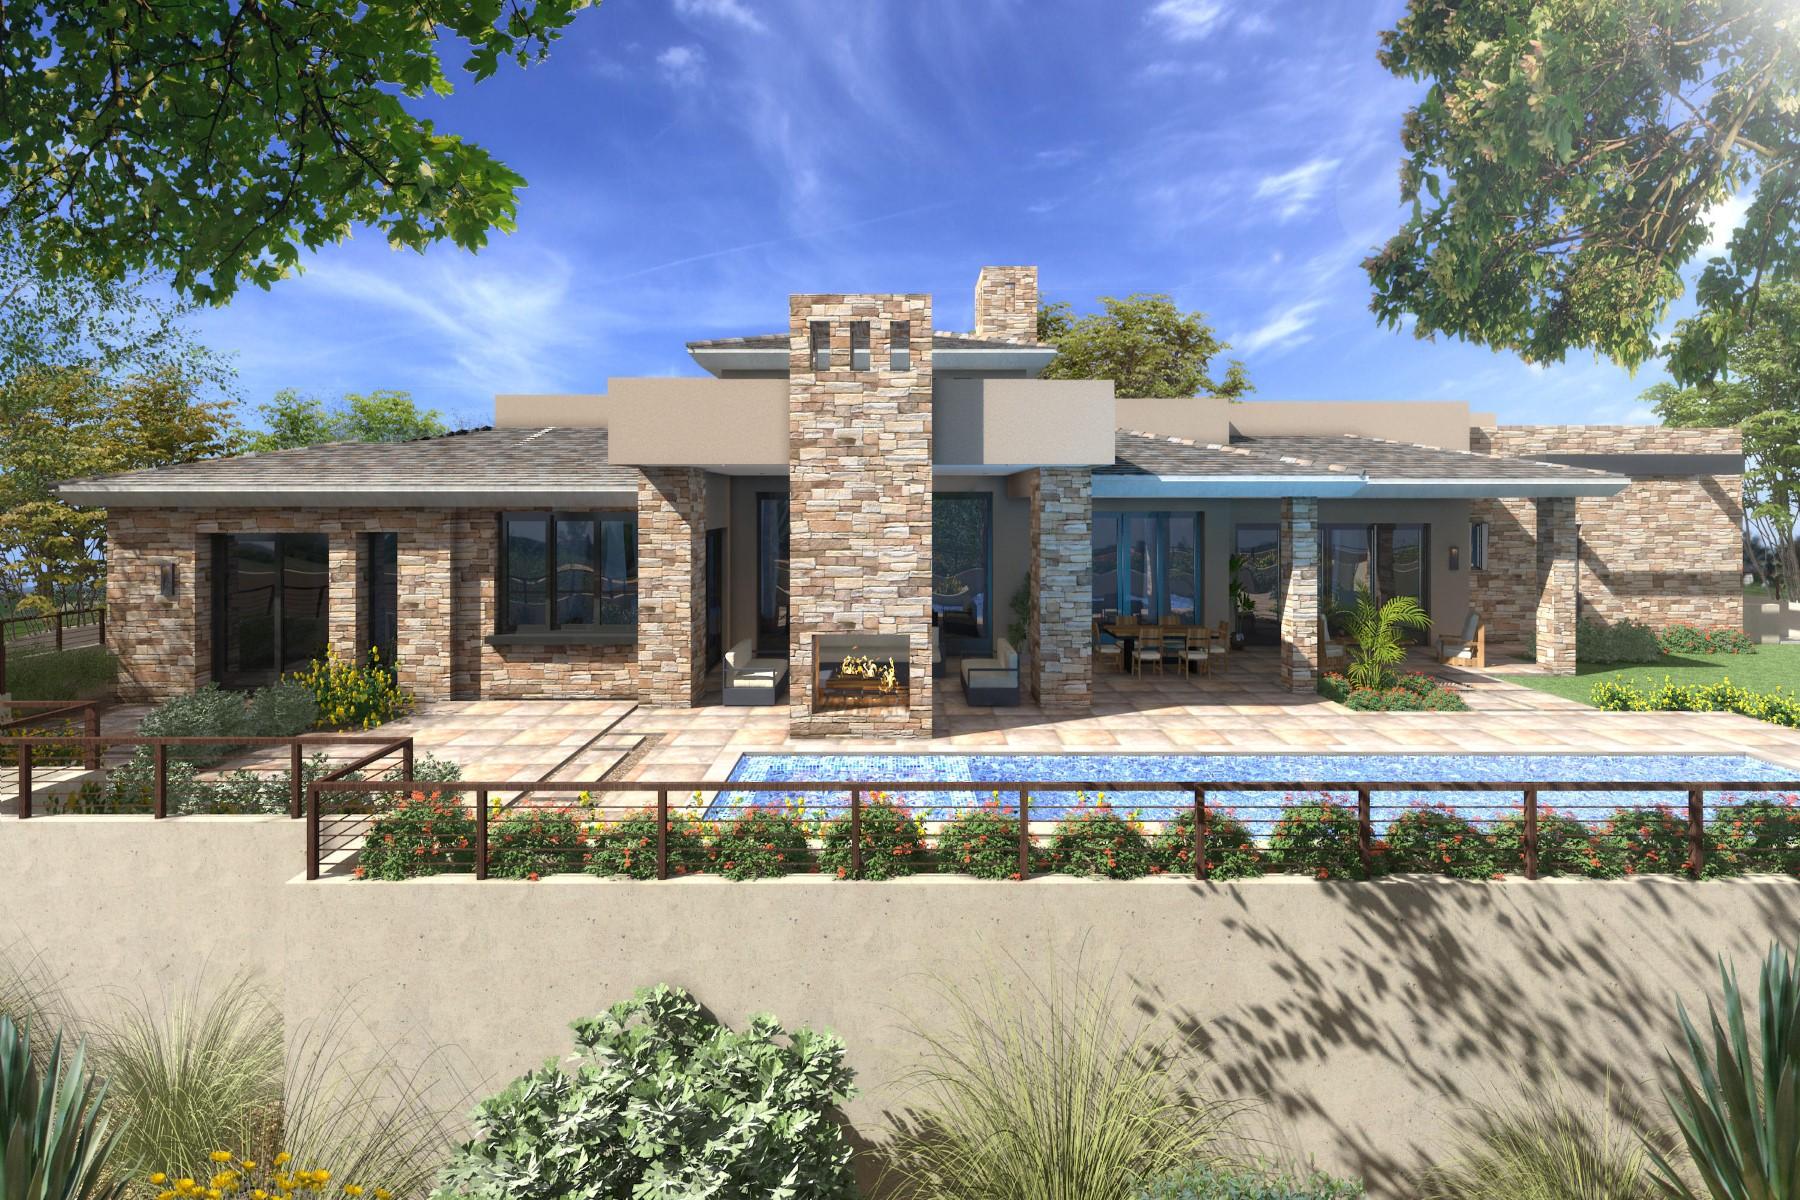 단독 가정 주택 용 매매 에 New Transitional Desert contemporary Custom Home 33144 N NORTHSTAR CIR, Scottsdale, 아리조나, 85266 미국